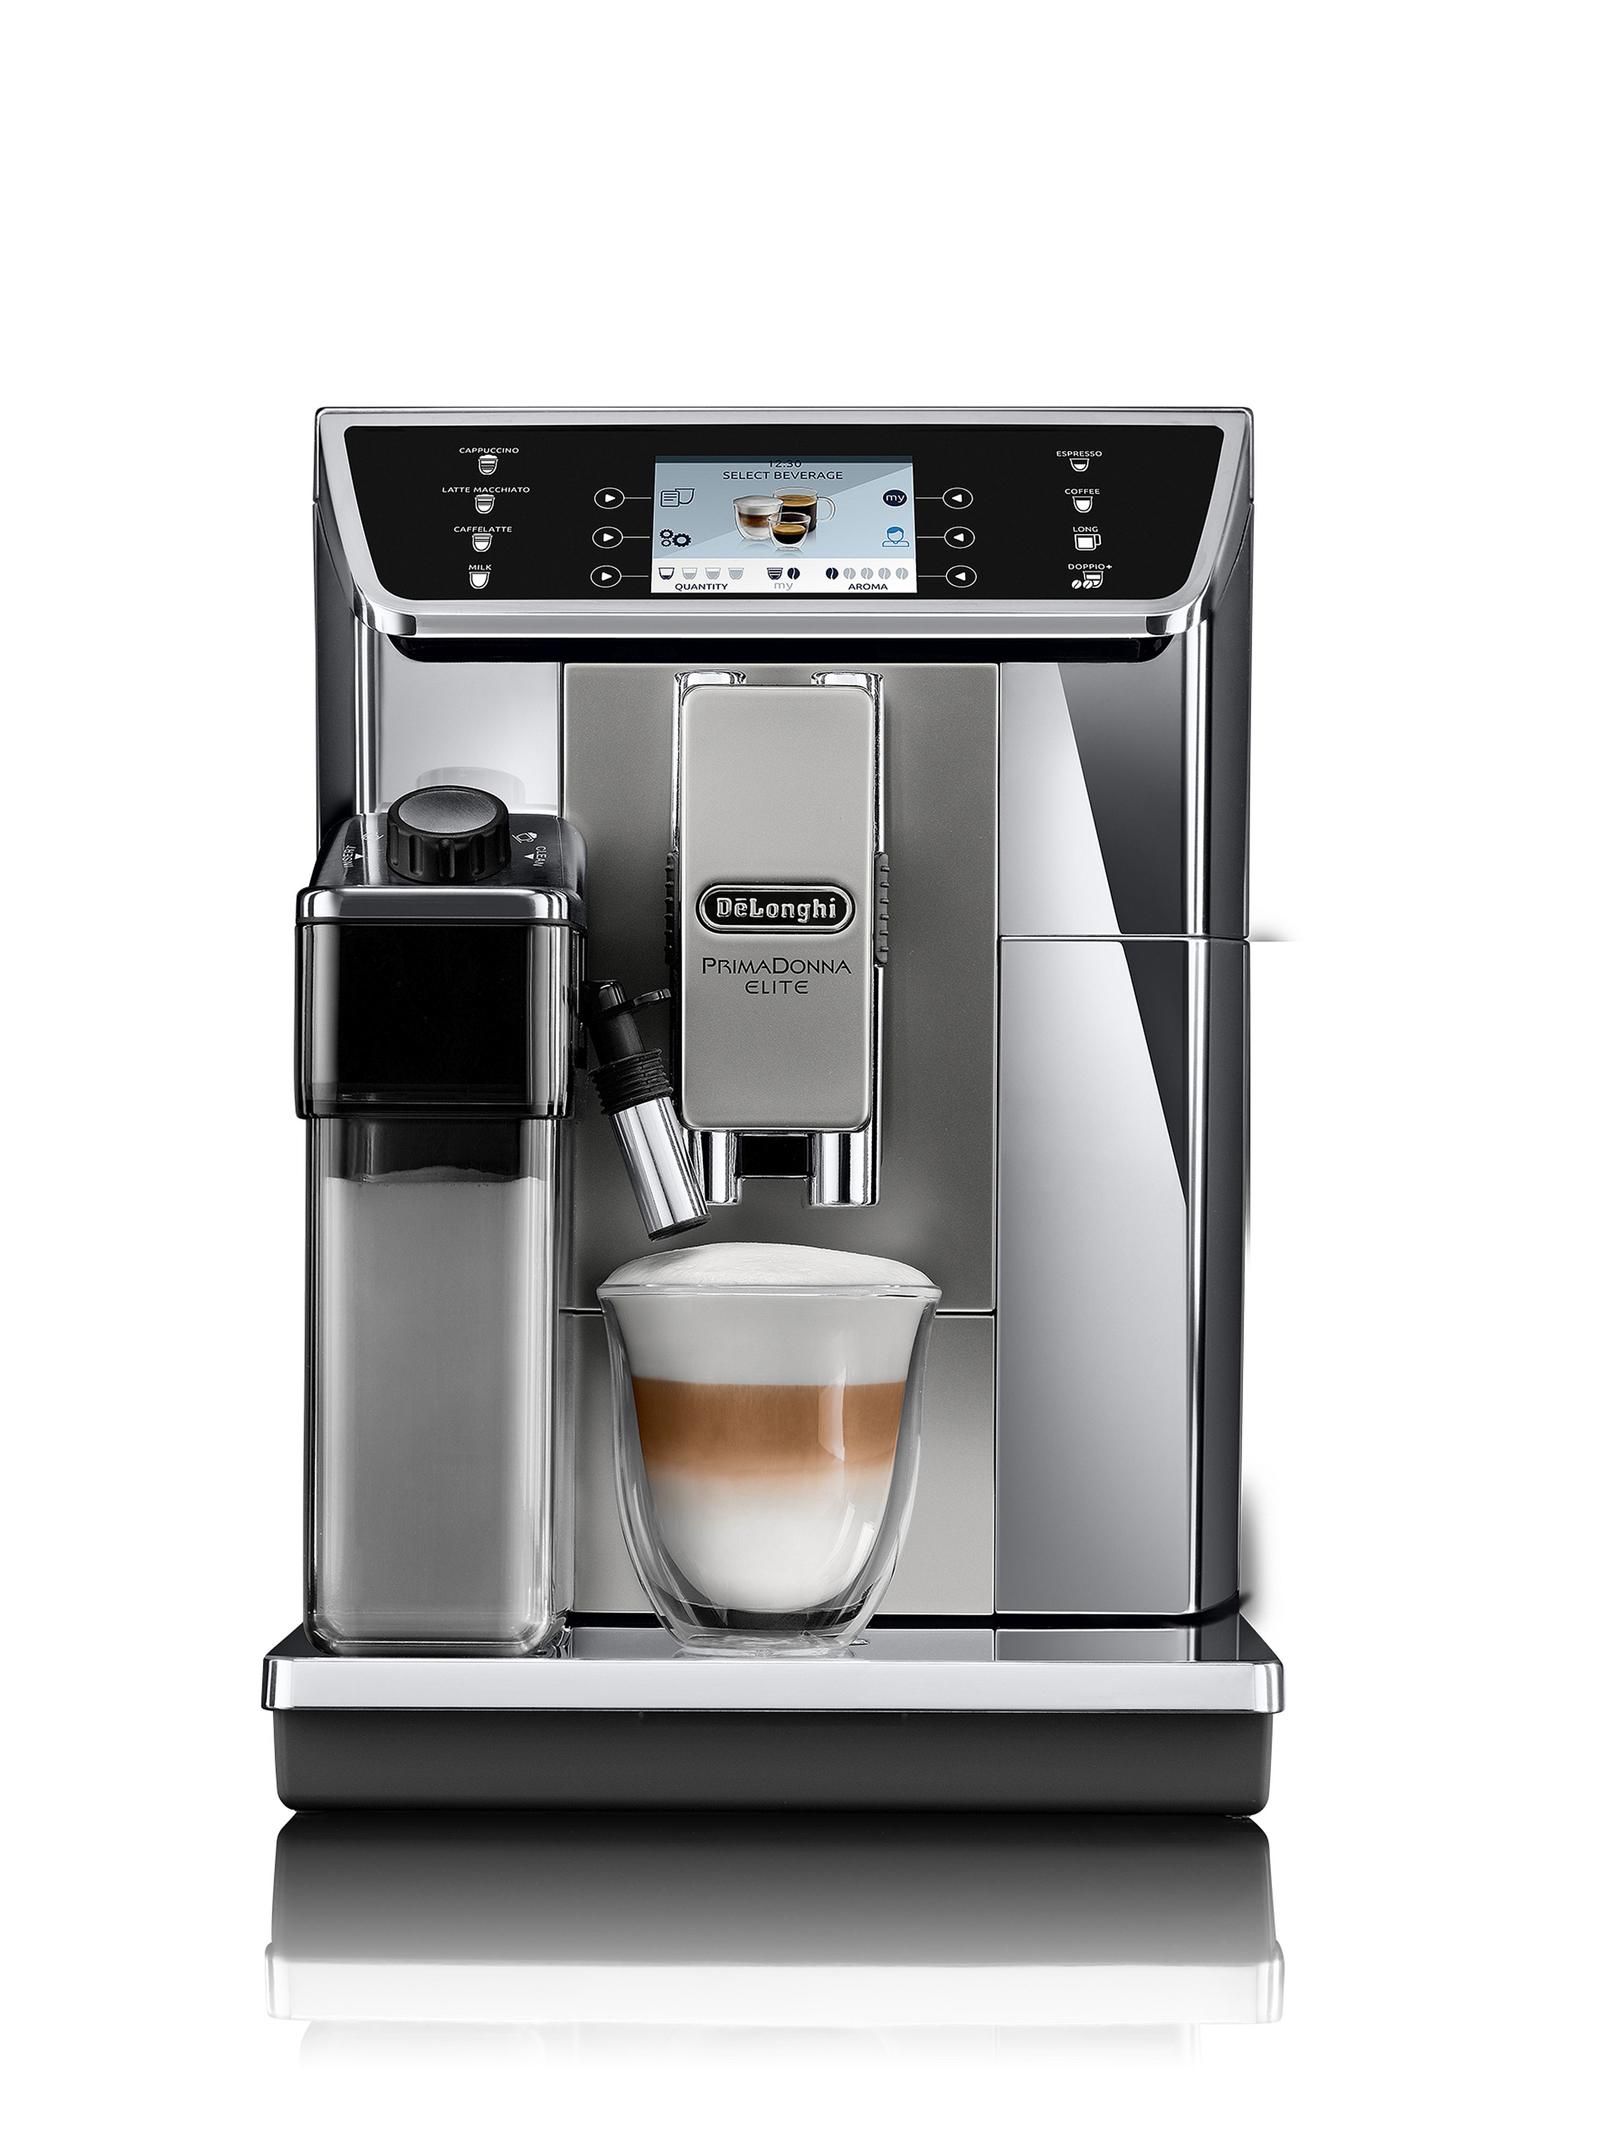 Sendet eine frohe Botschaft an alle Kaffee-Liebhaber: PrimaDonna Elite, das Top-Modell von De'Longhi.